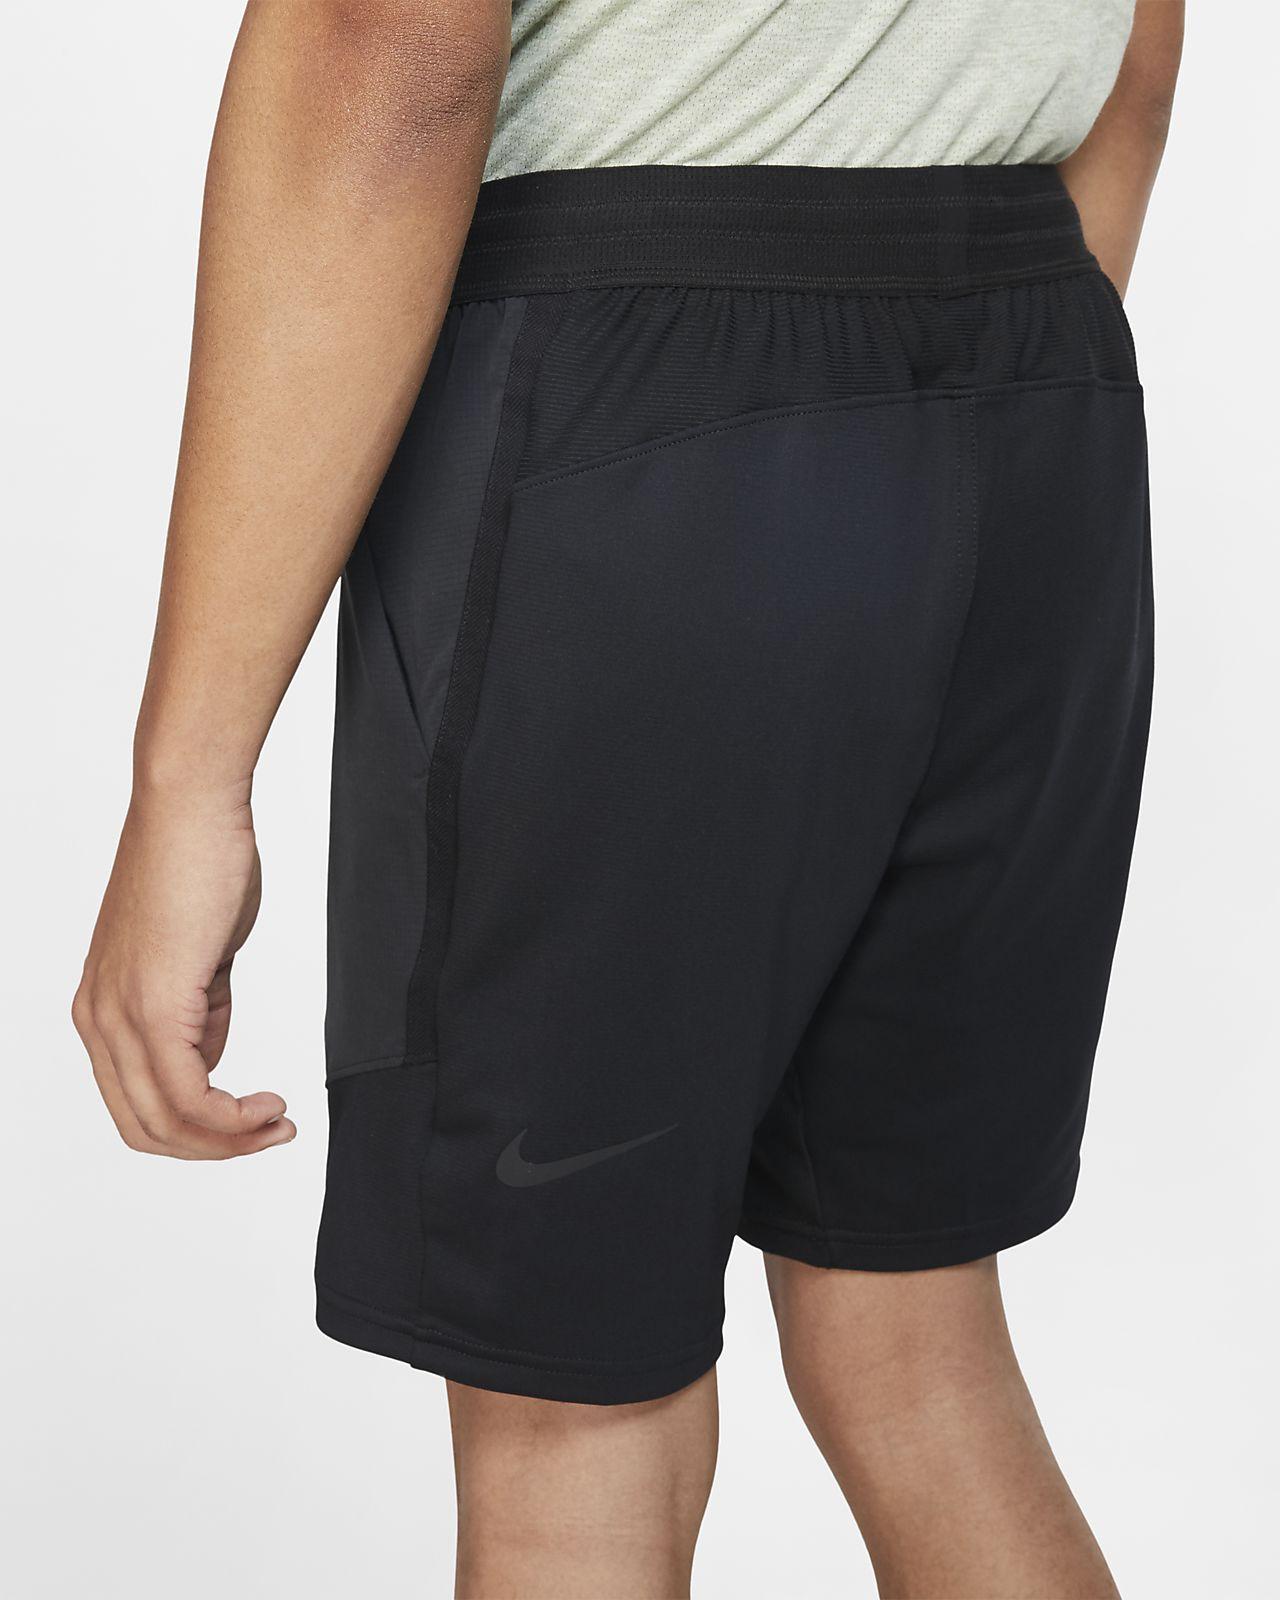 Calções de treino entrançados Nike Flex para homem